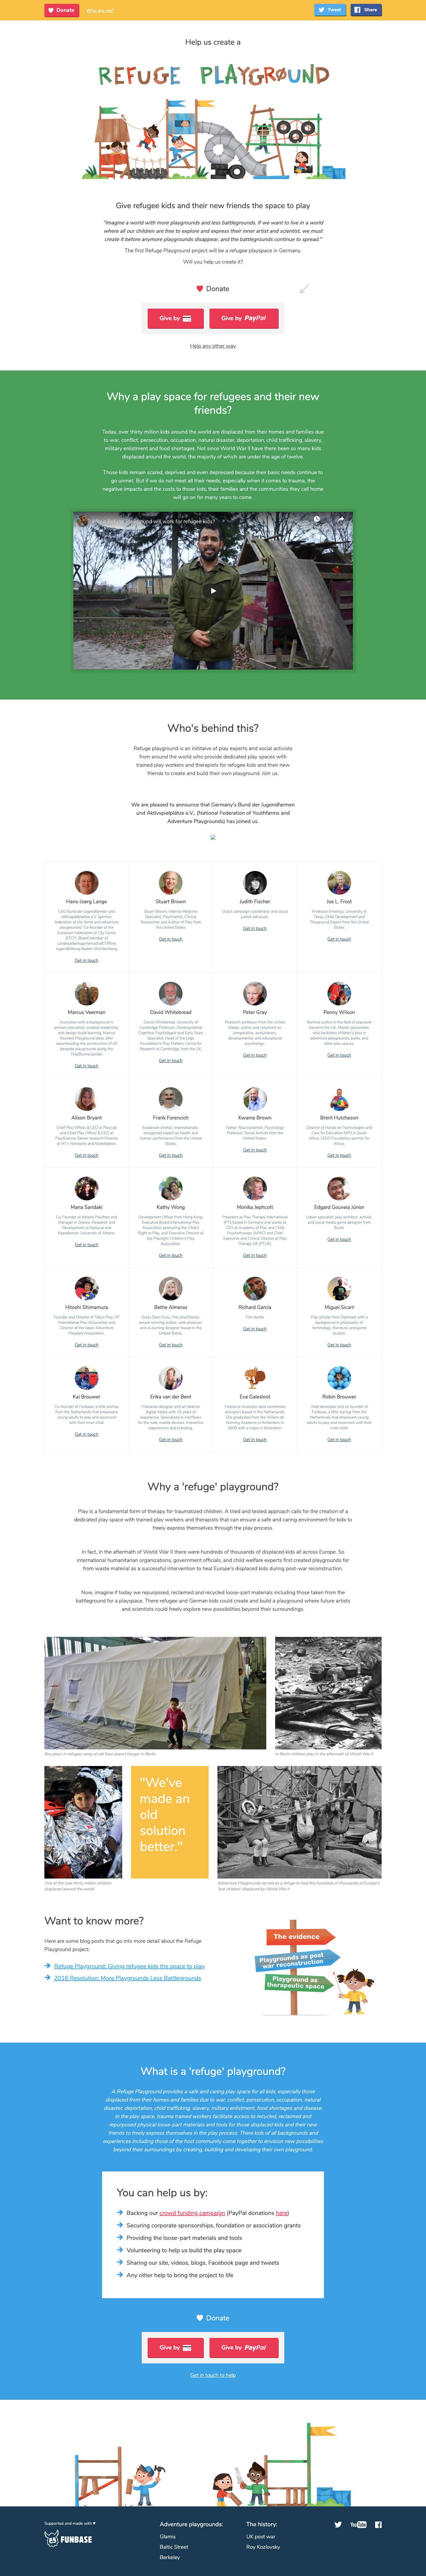 Sparkforce - We develop websites for like-minded clients